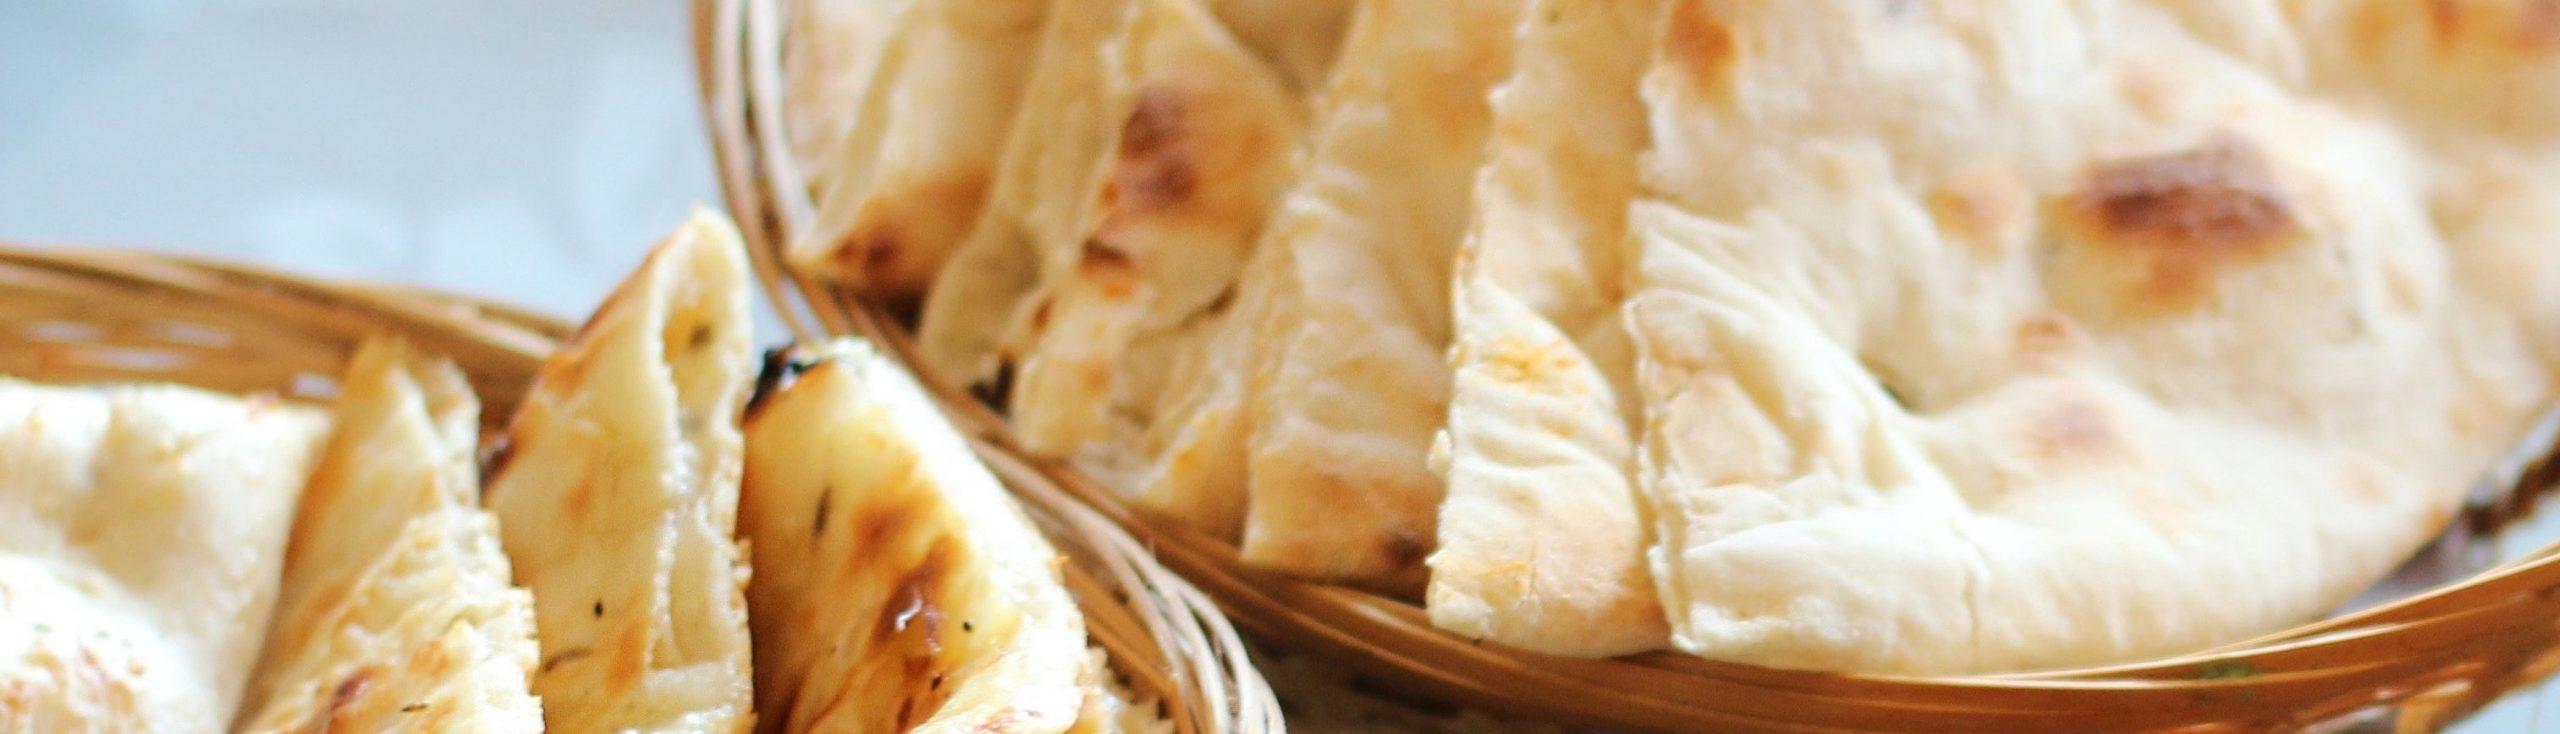 Aziatisch brood